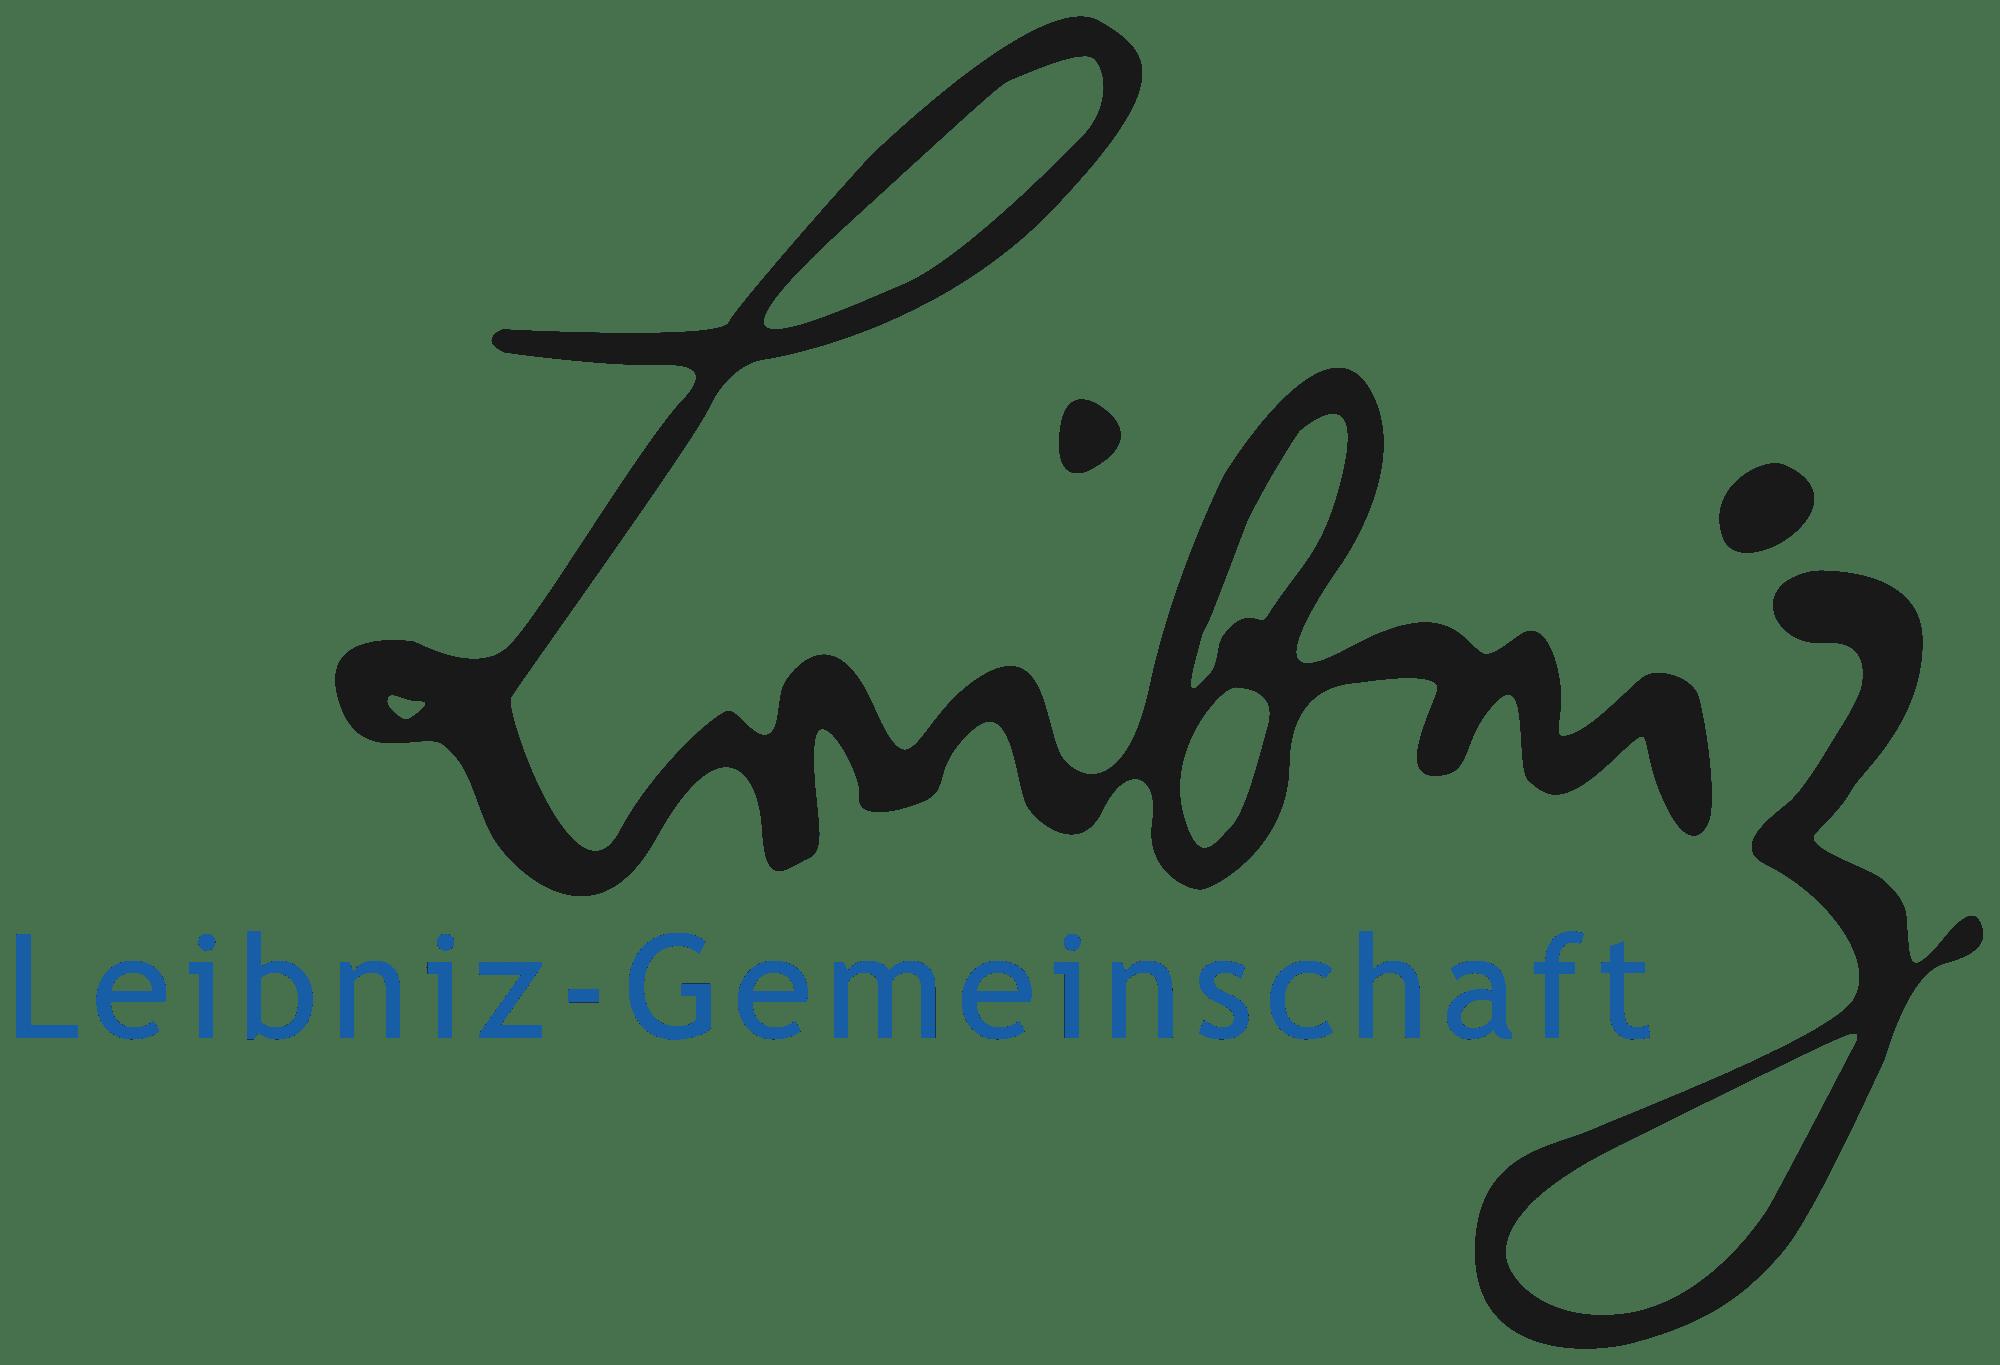 Leibniz Gemeinschaft-logo